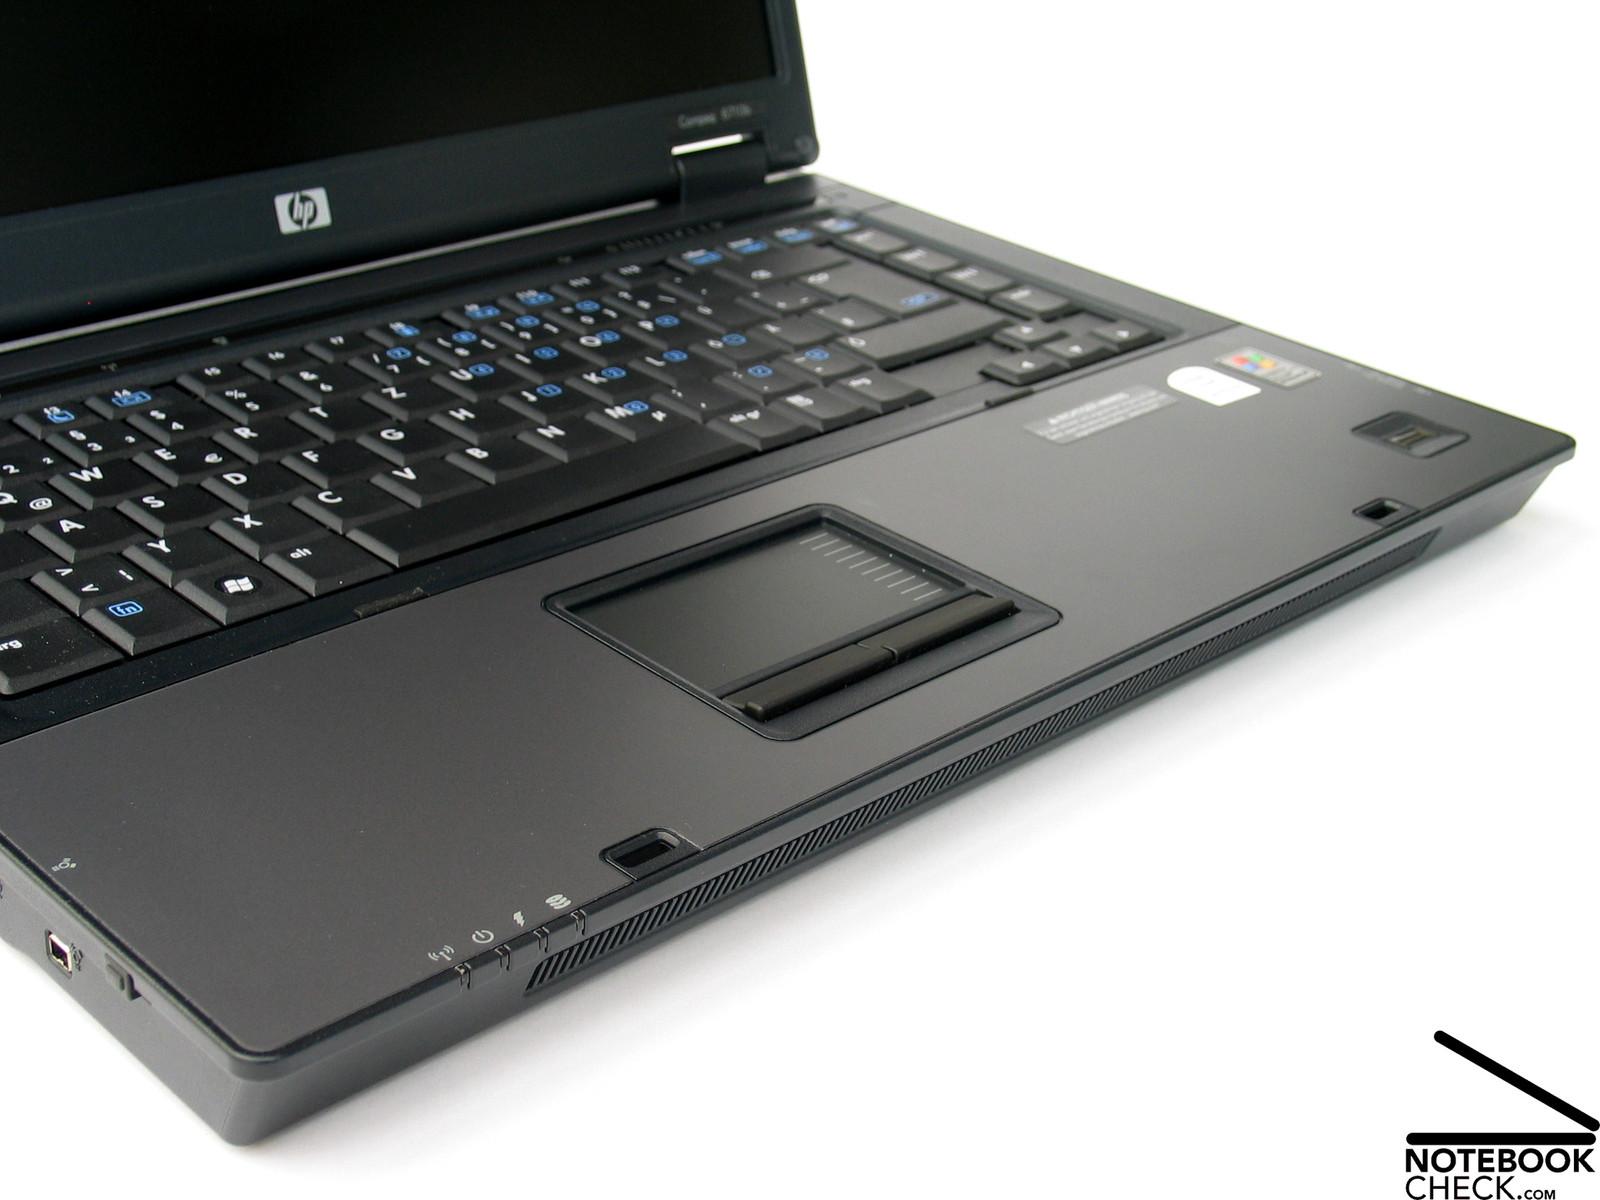 HP Compaq 6710b Notebook Modem Mac